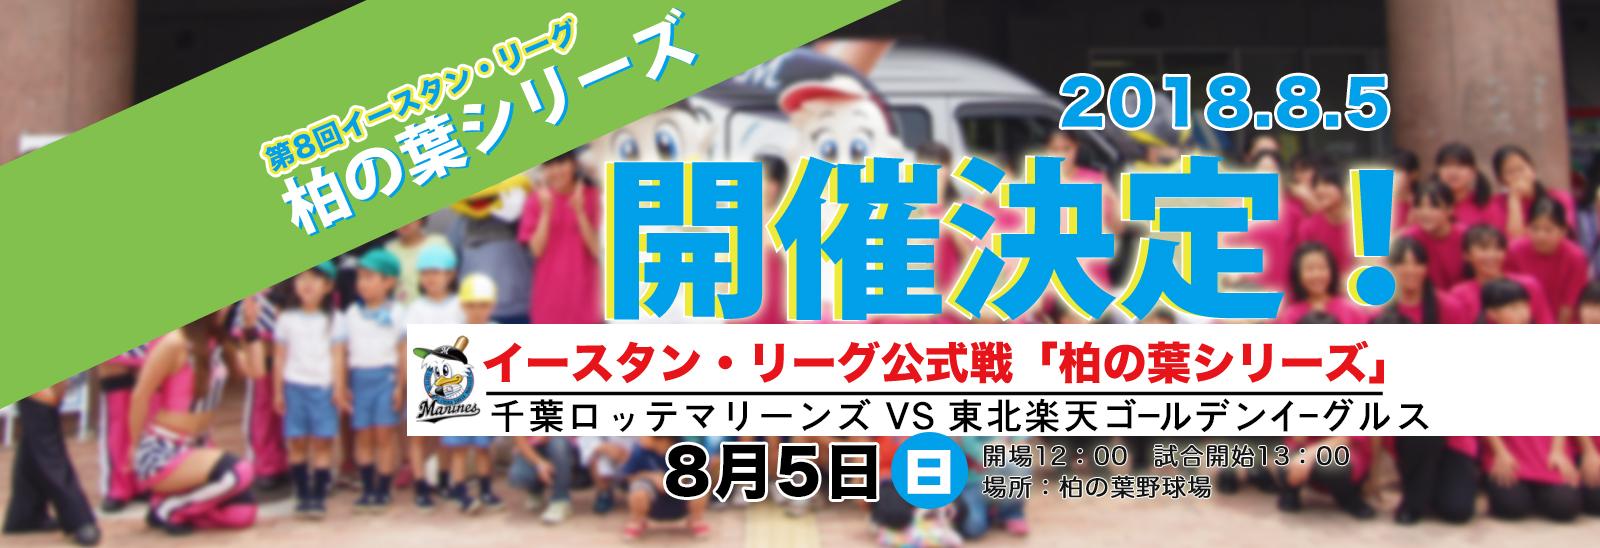 柏の葉シリーズ2018年8月5日開催!